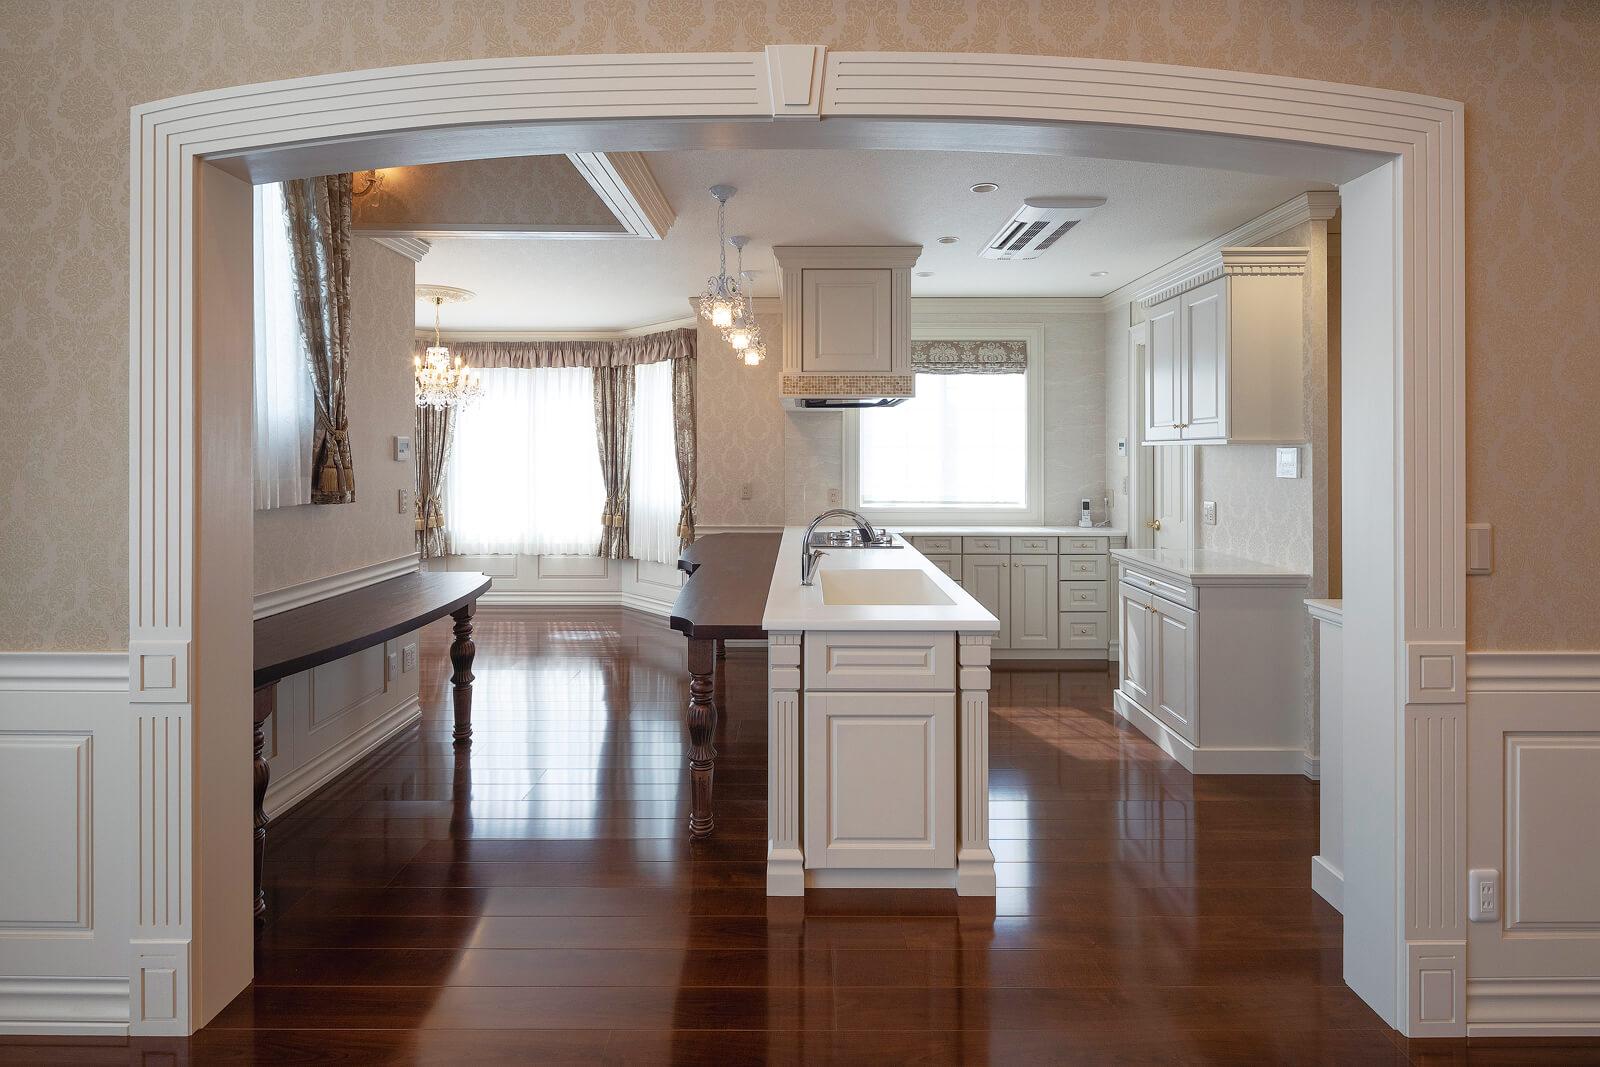 リビングからダイニング・キッチンを見る。出入り口のモールや腰壁も、大工の手仕事。効率優先ではないモノづくりの姿勢が、空間性をより高めている